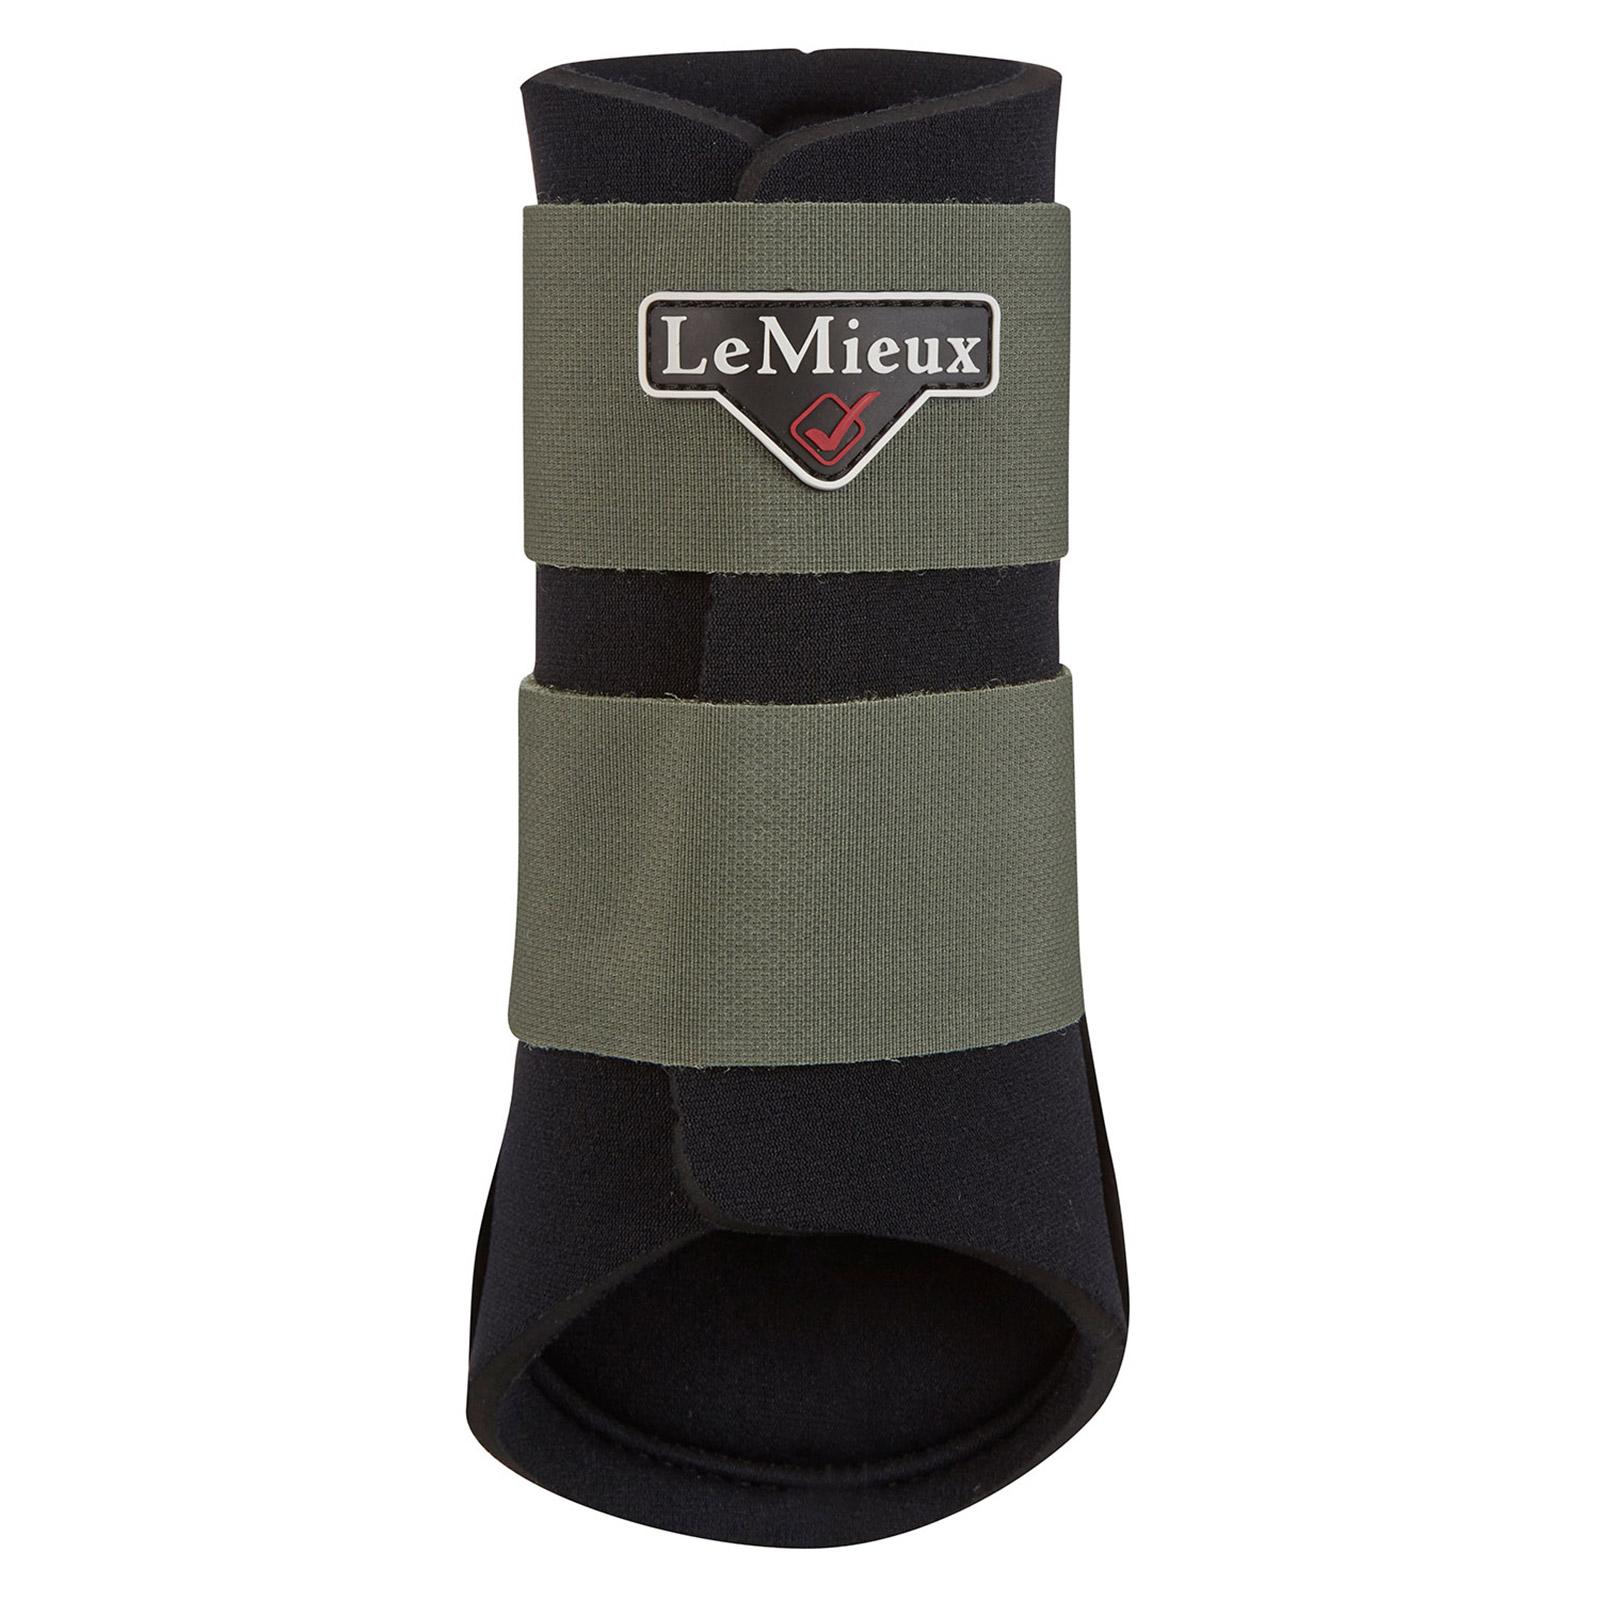 LEMIEUX-PROSPORT-Grafter-Brossage-Bottes-Leger-Protection miniature 34